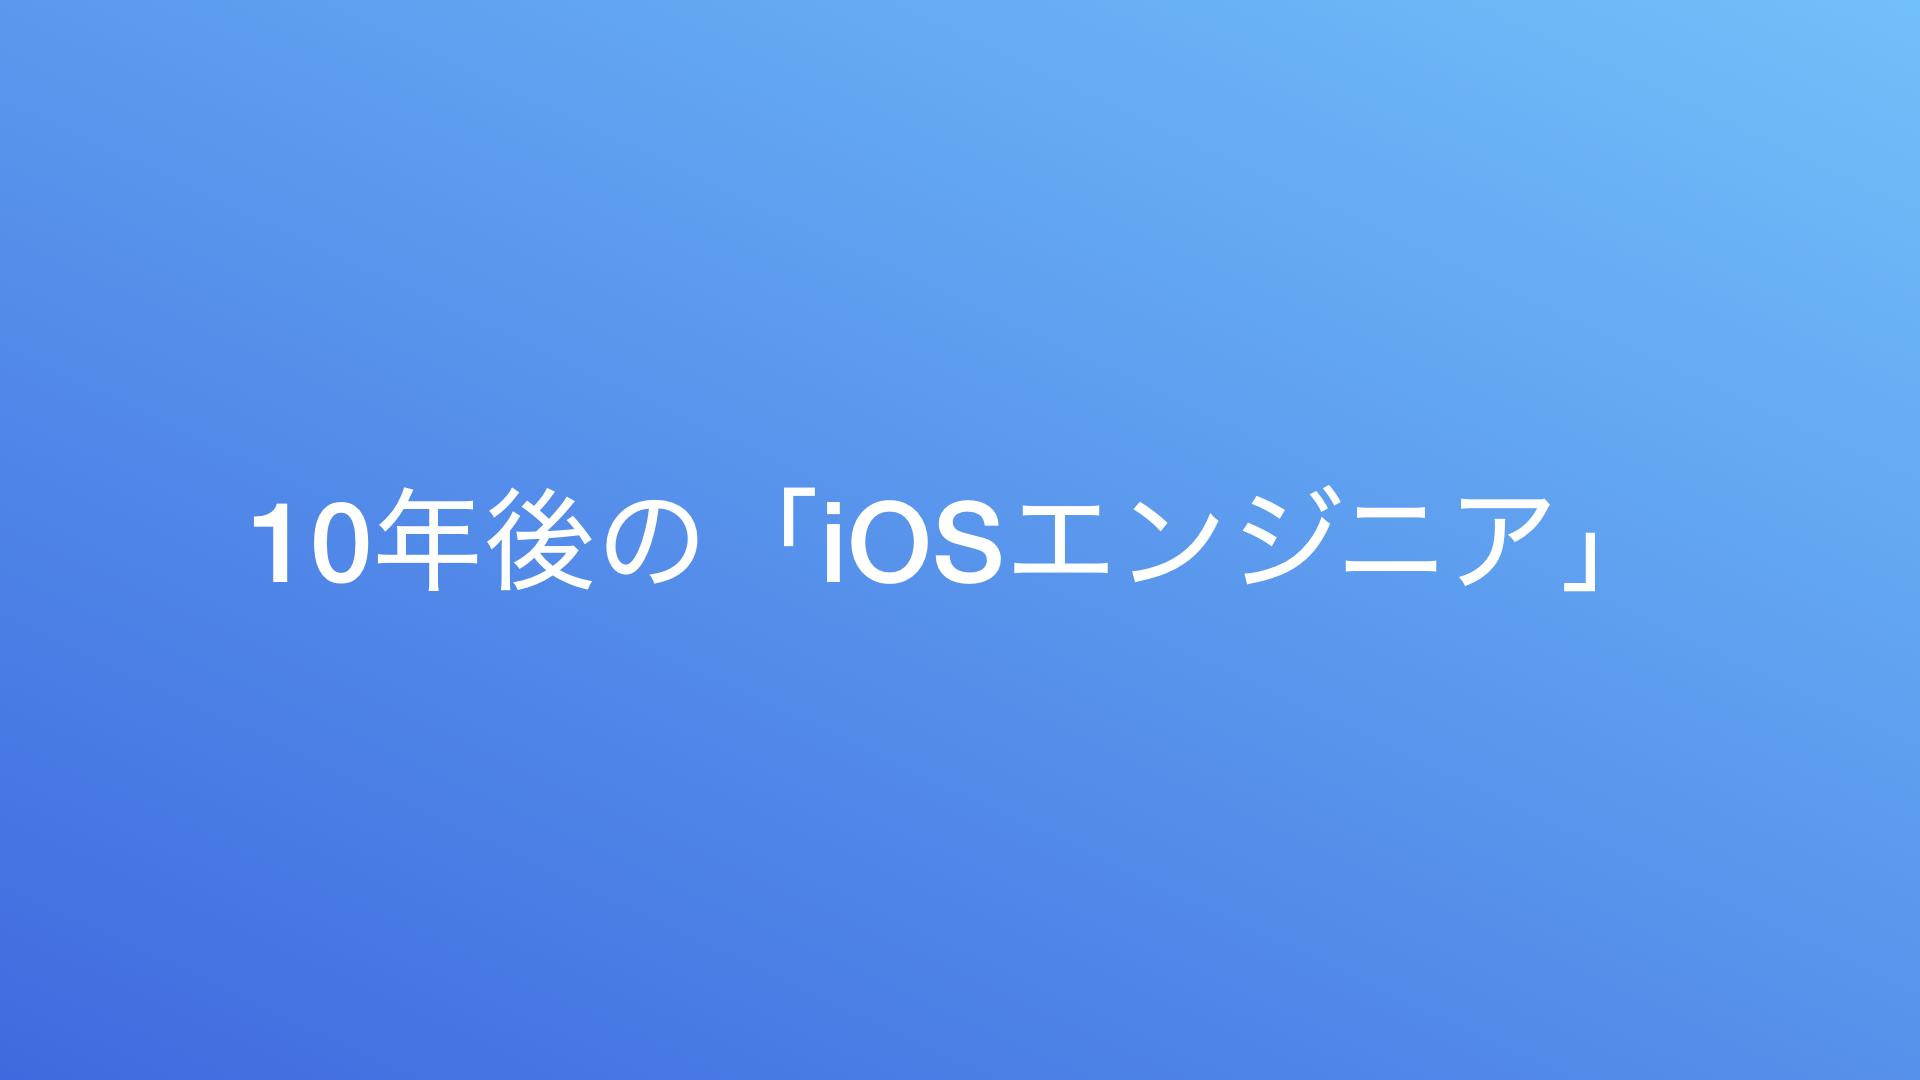 f:id:laiso:20180918235359p:plain